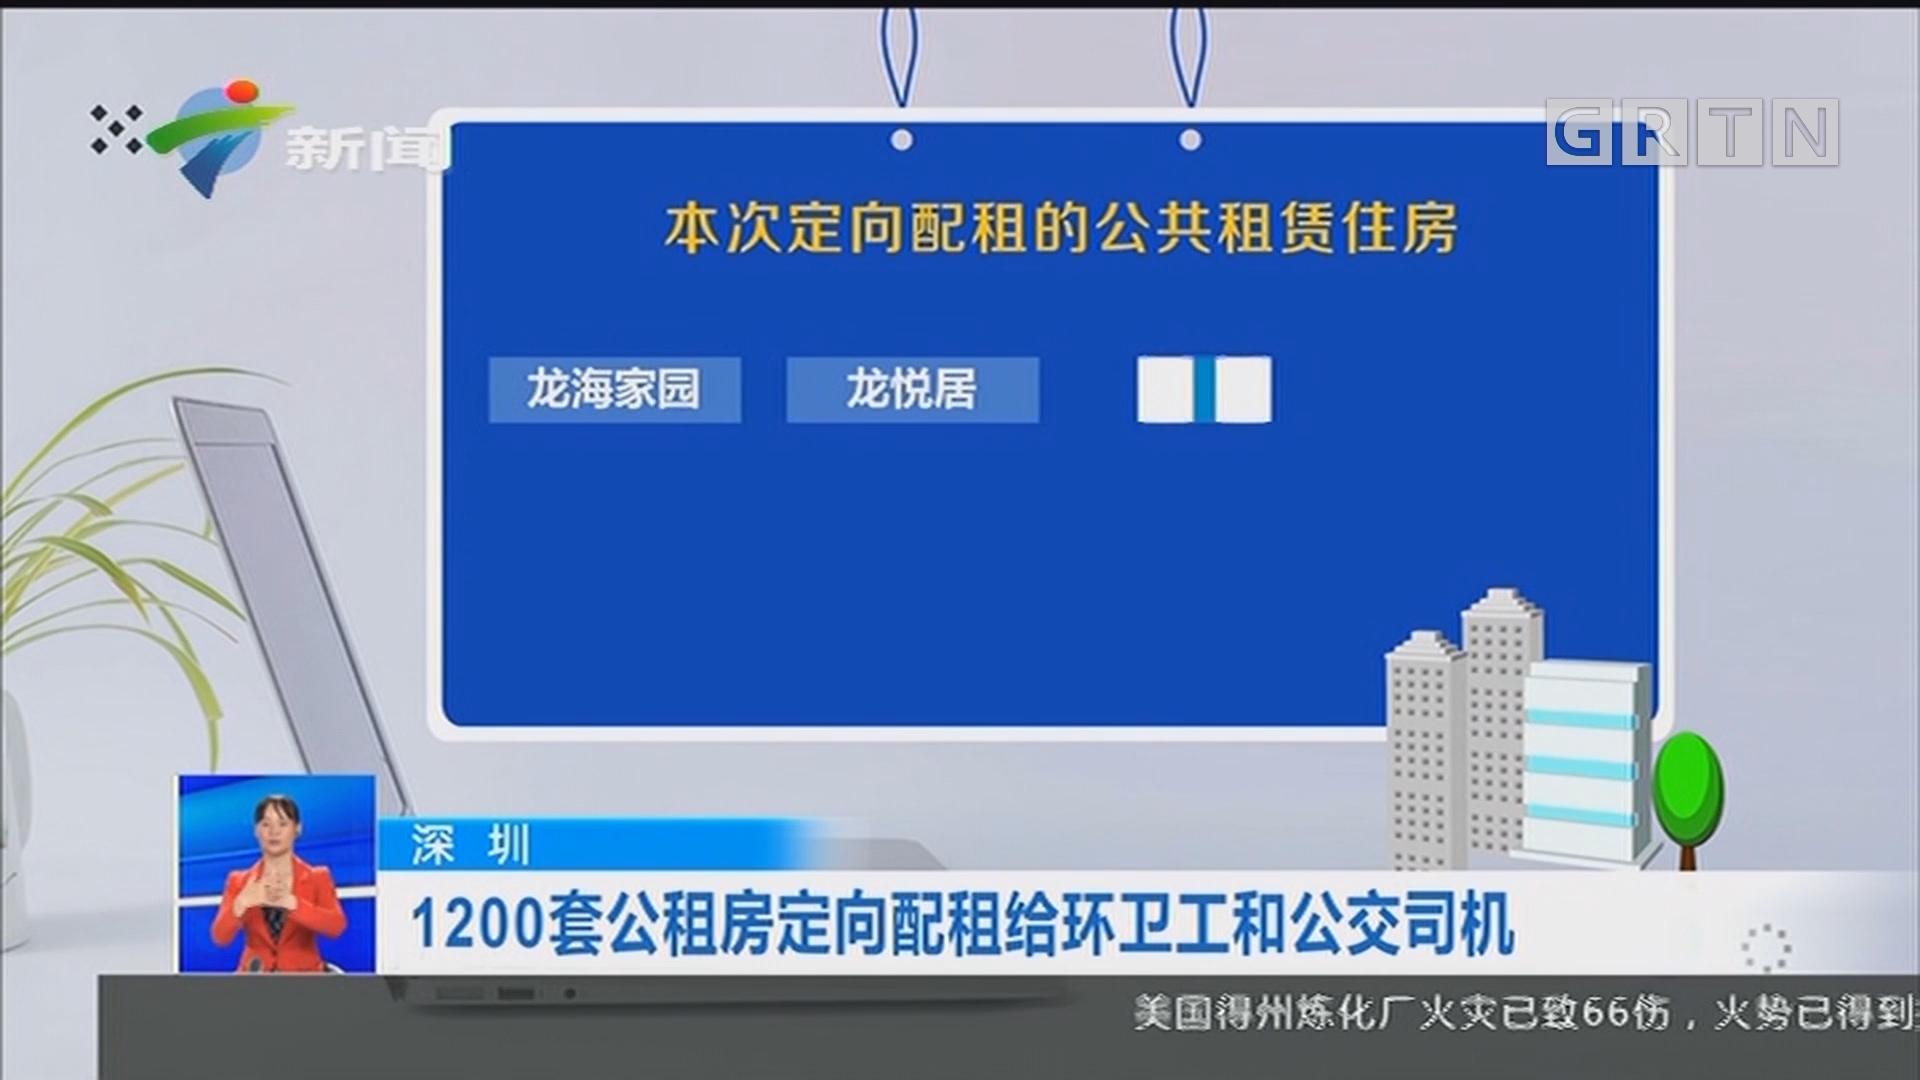 深圳:1200套公租房定向配租给环卫工和公交司机